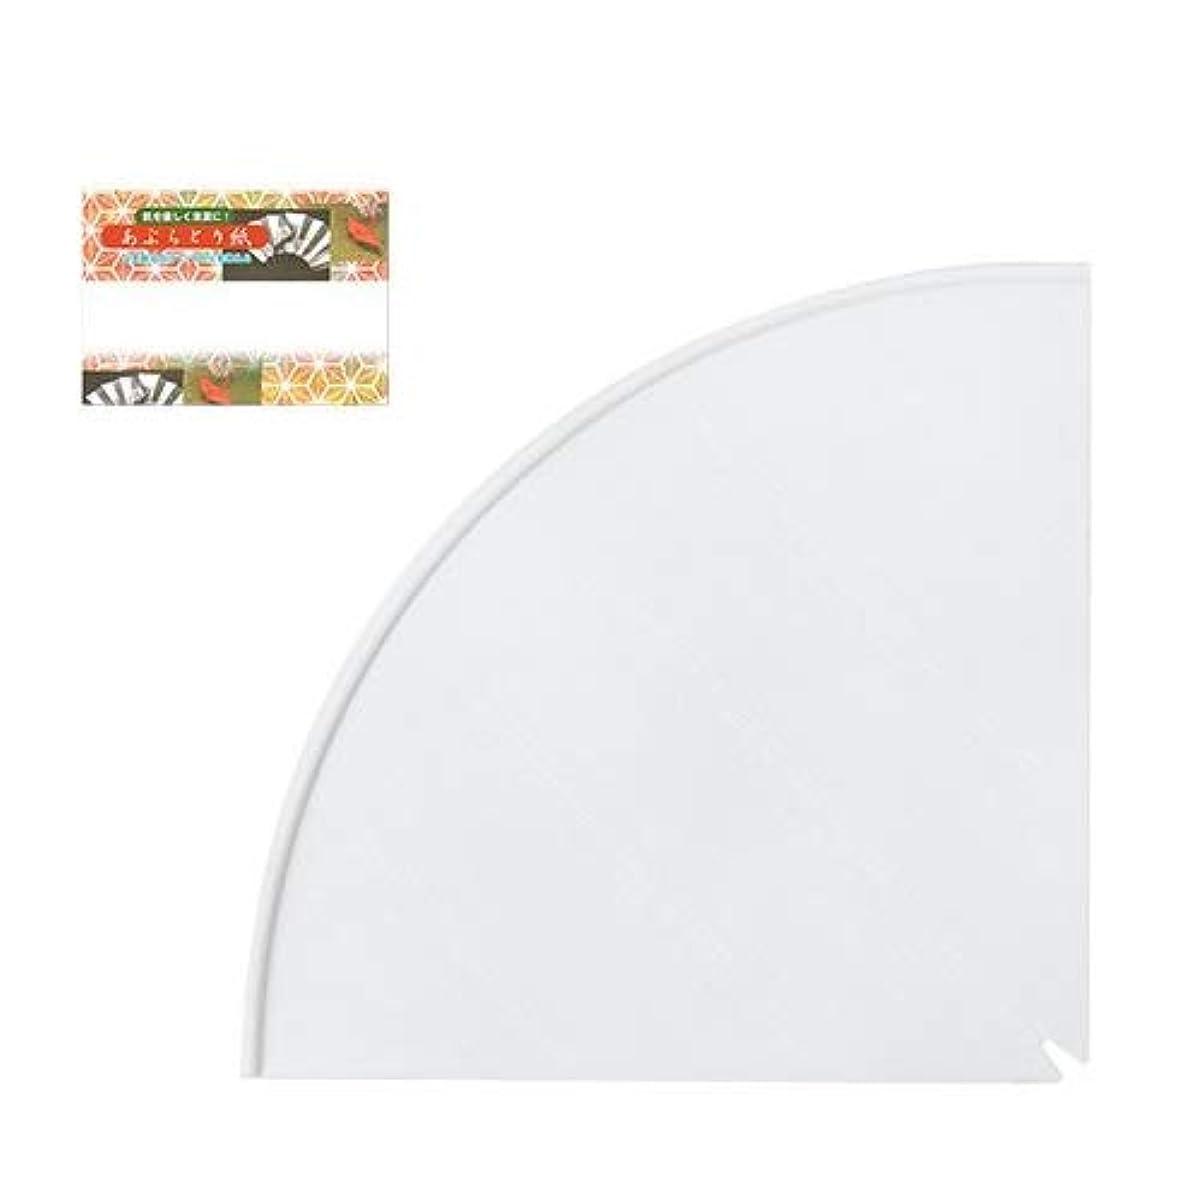 比類のないバーガー罪ウエルスジャパン キズが超小さいコーナーシェルフ ホワイト + 高級あぶらとり紙セット